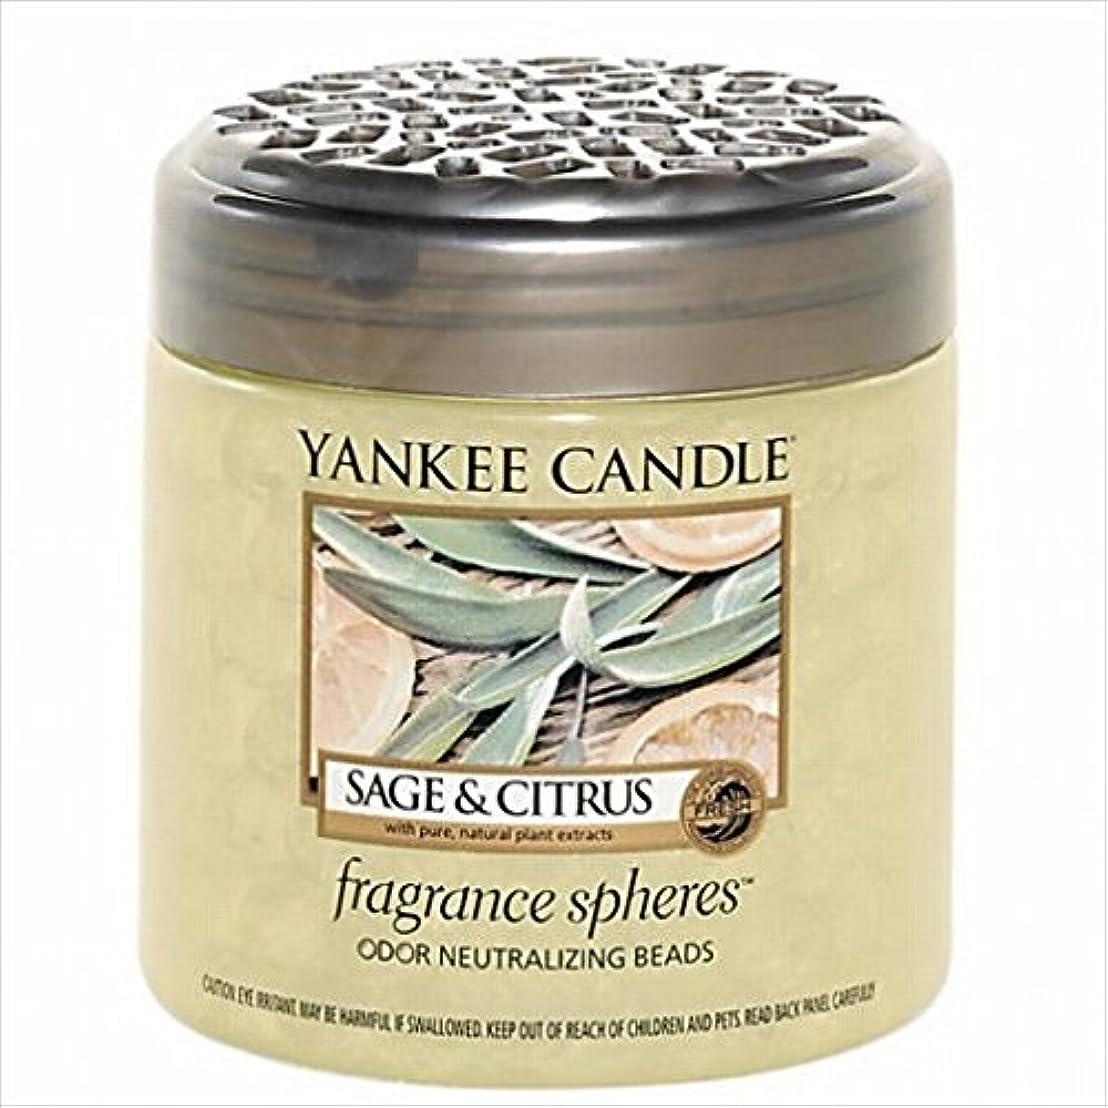 和ぬれた共和党ヤンキーキャンドル( YANKEE CANDLE ) YANKEE CANDLE フレグランスビーズ 「 セージ&シトラス 」